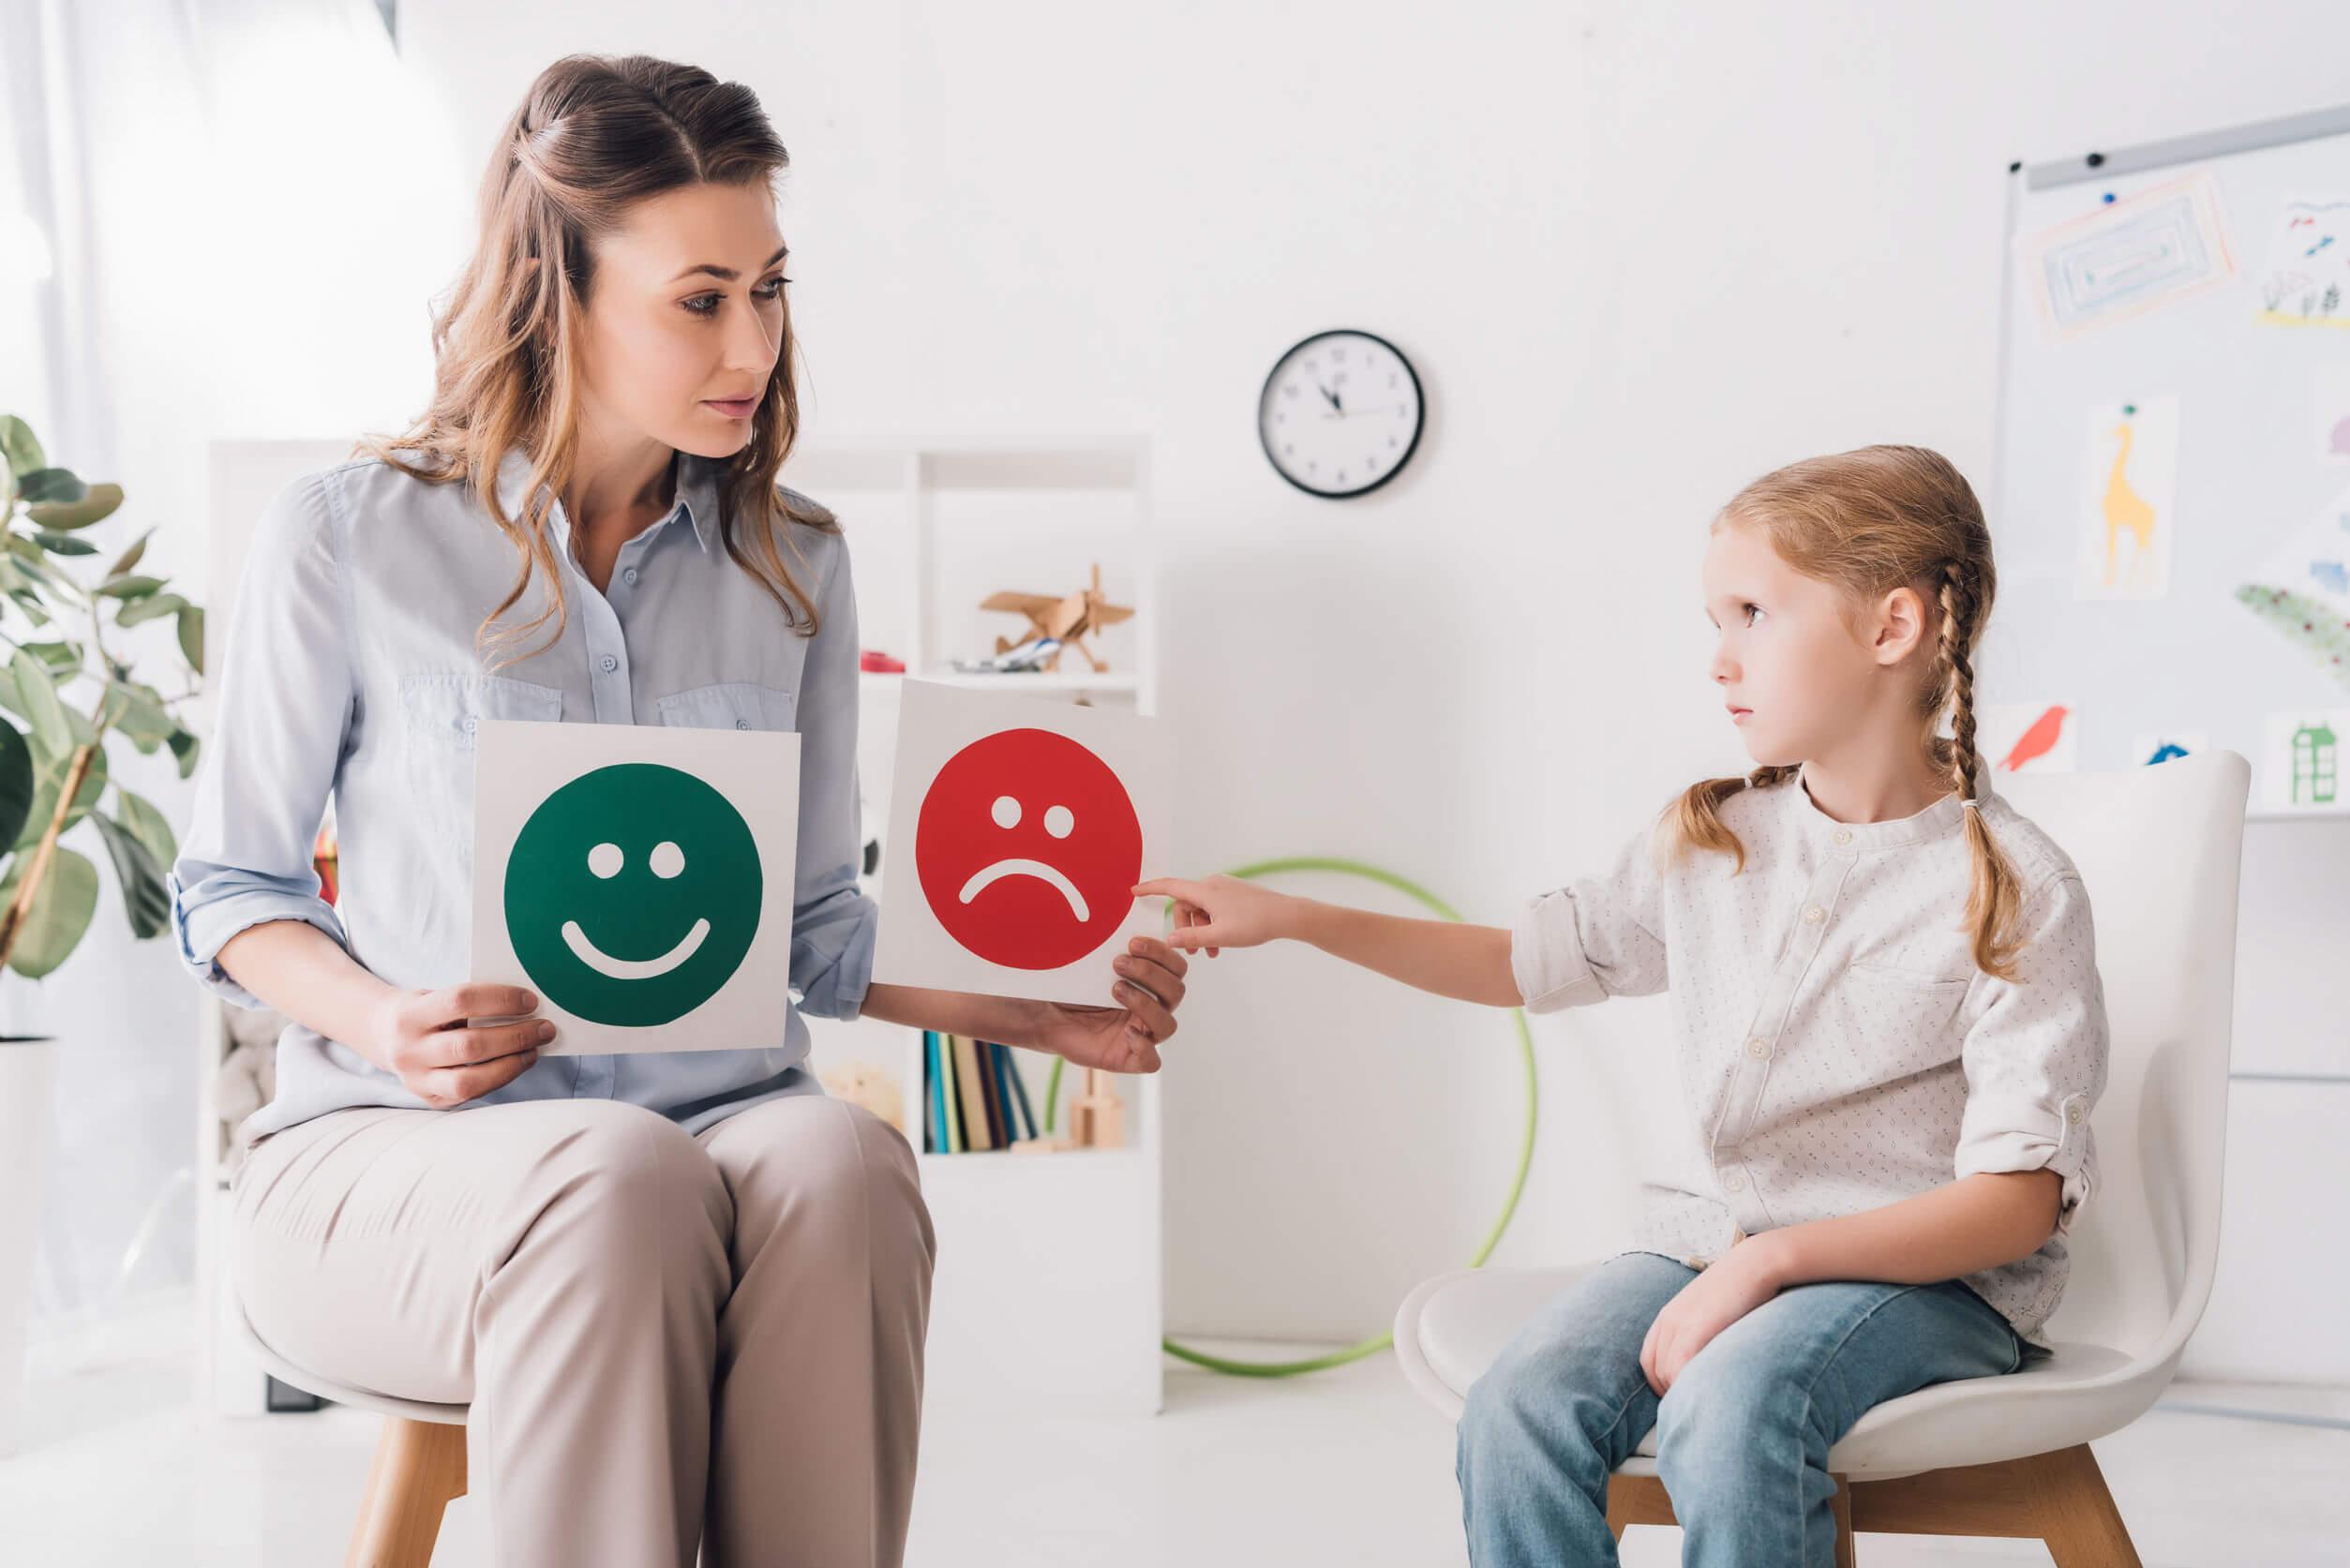 Terapeuta practicando algunos juegos psicológicos para niños en consulta.